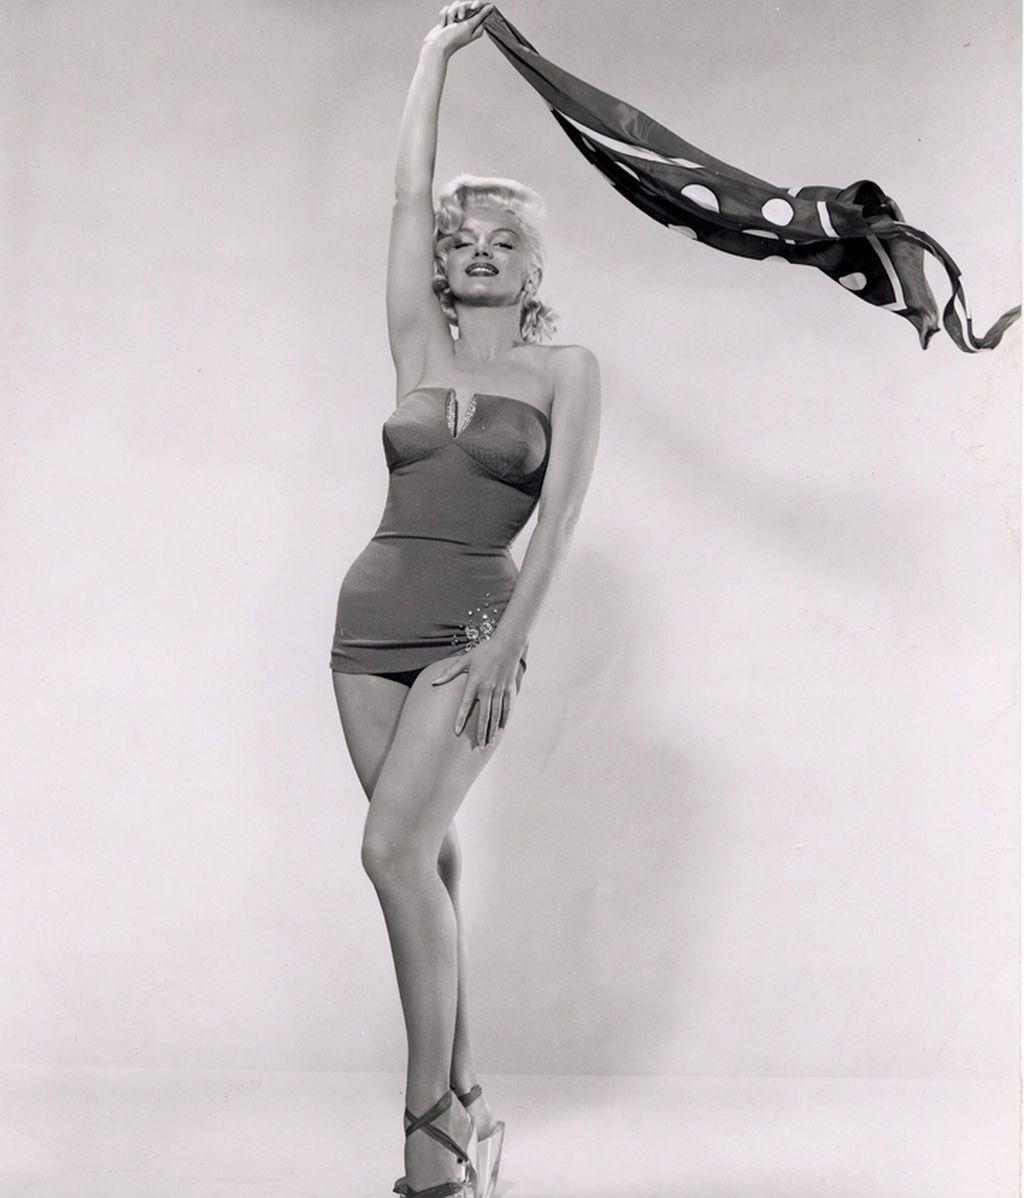 Modelo de las marcas mas prestigiosas, fue una de las mujeres más fotografiadas de la época